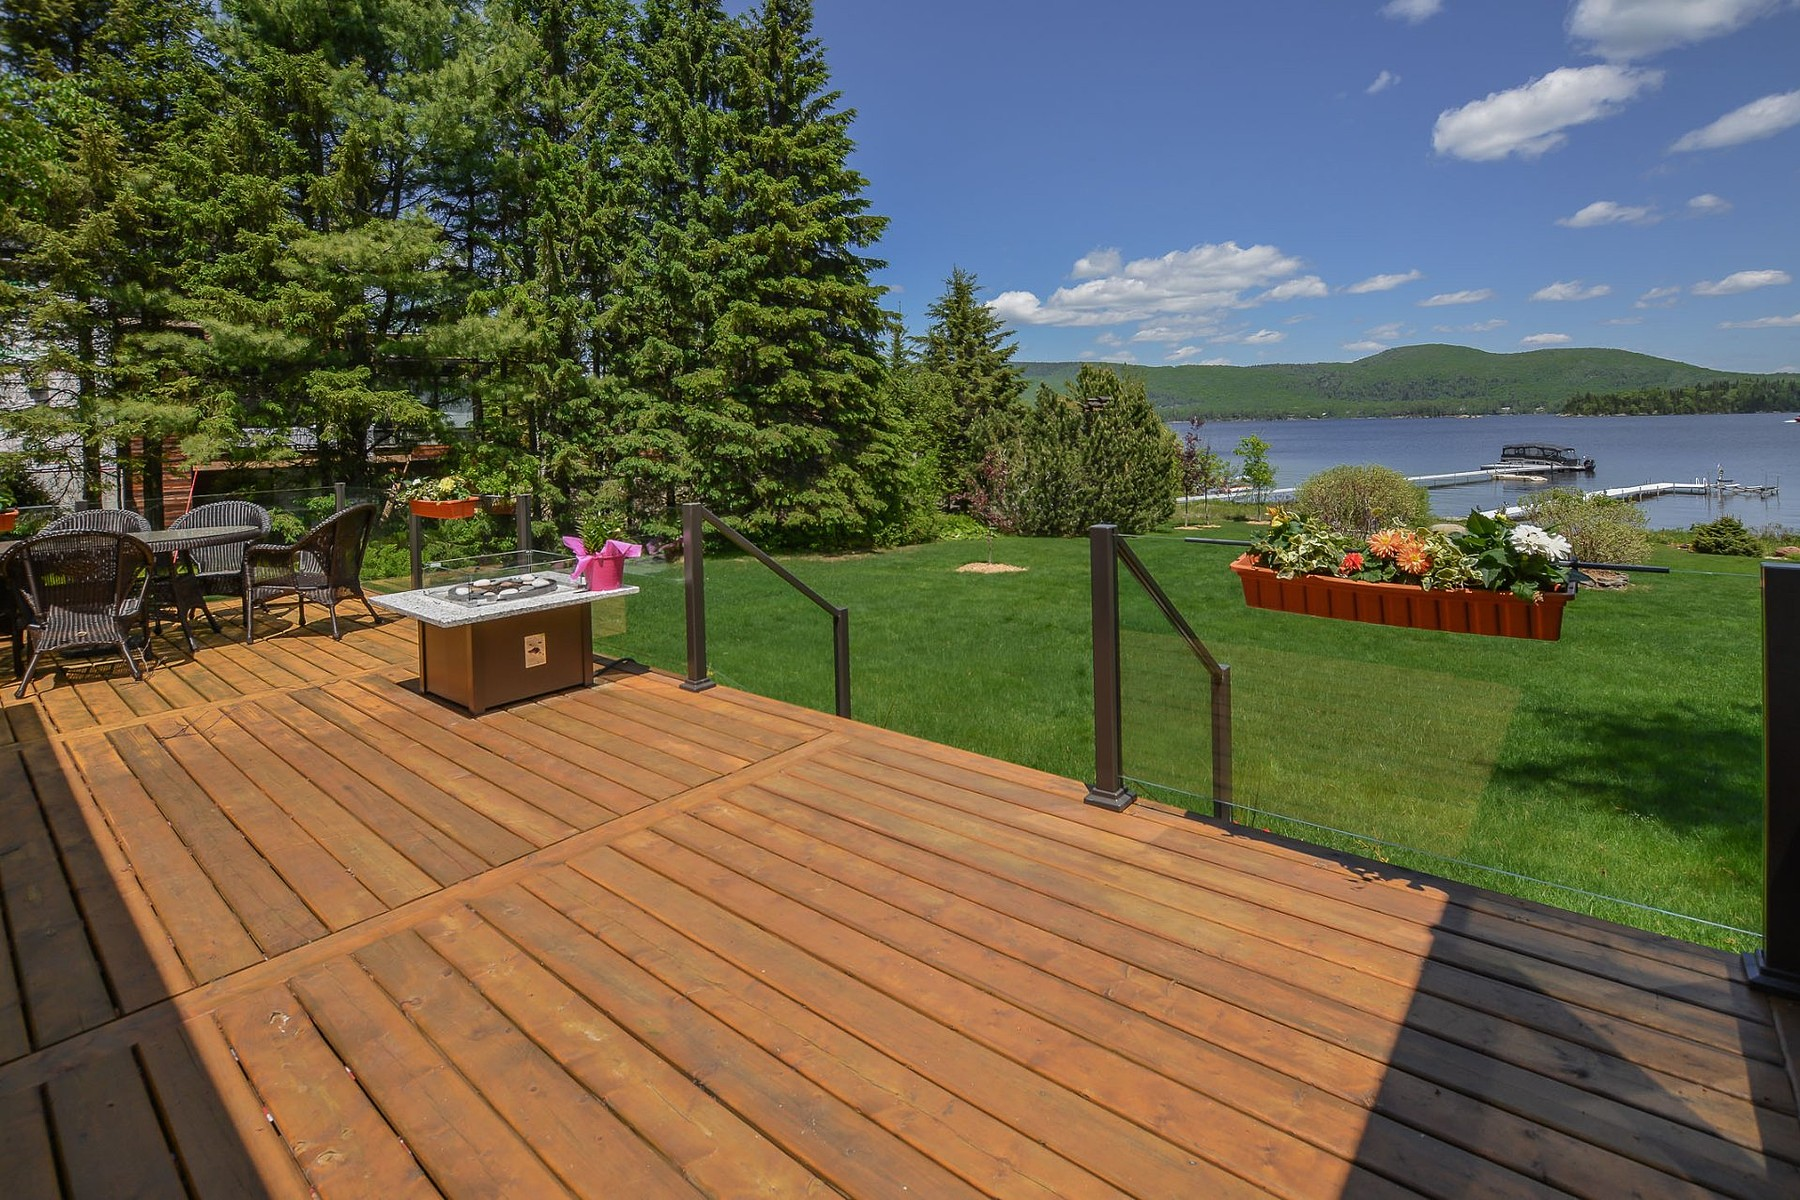 Single Family Homes for Sale at Saint-Donat, Lanaudière 2301 Route 125 S. Saint-Donat, Quebec J0T2C0 Canada